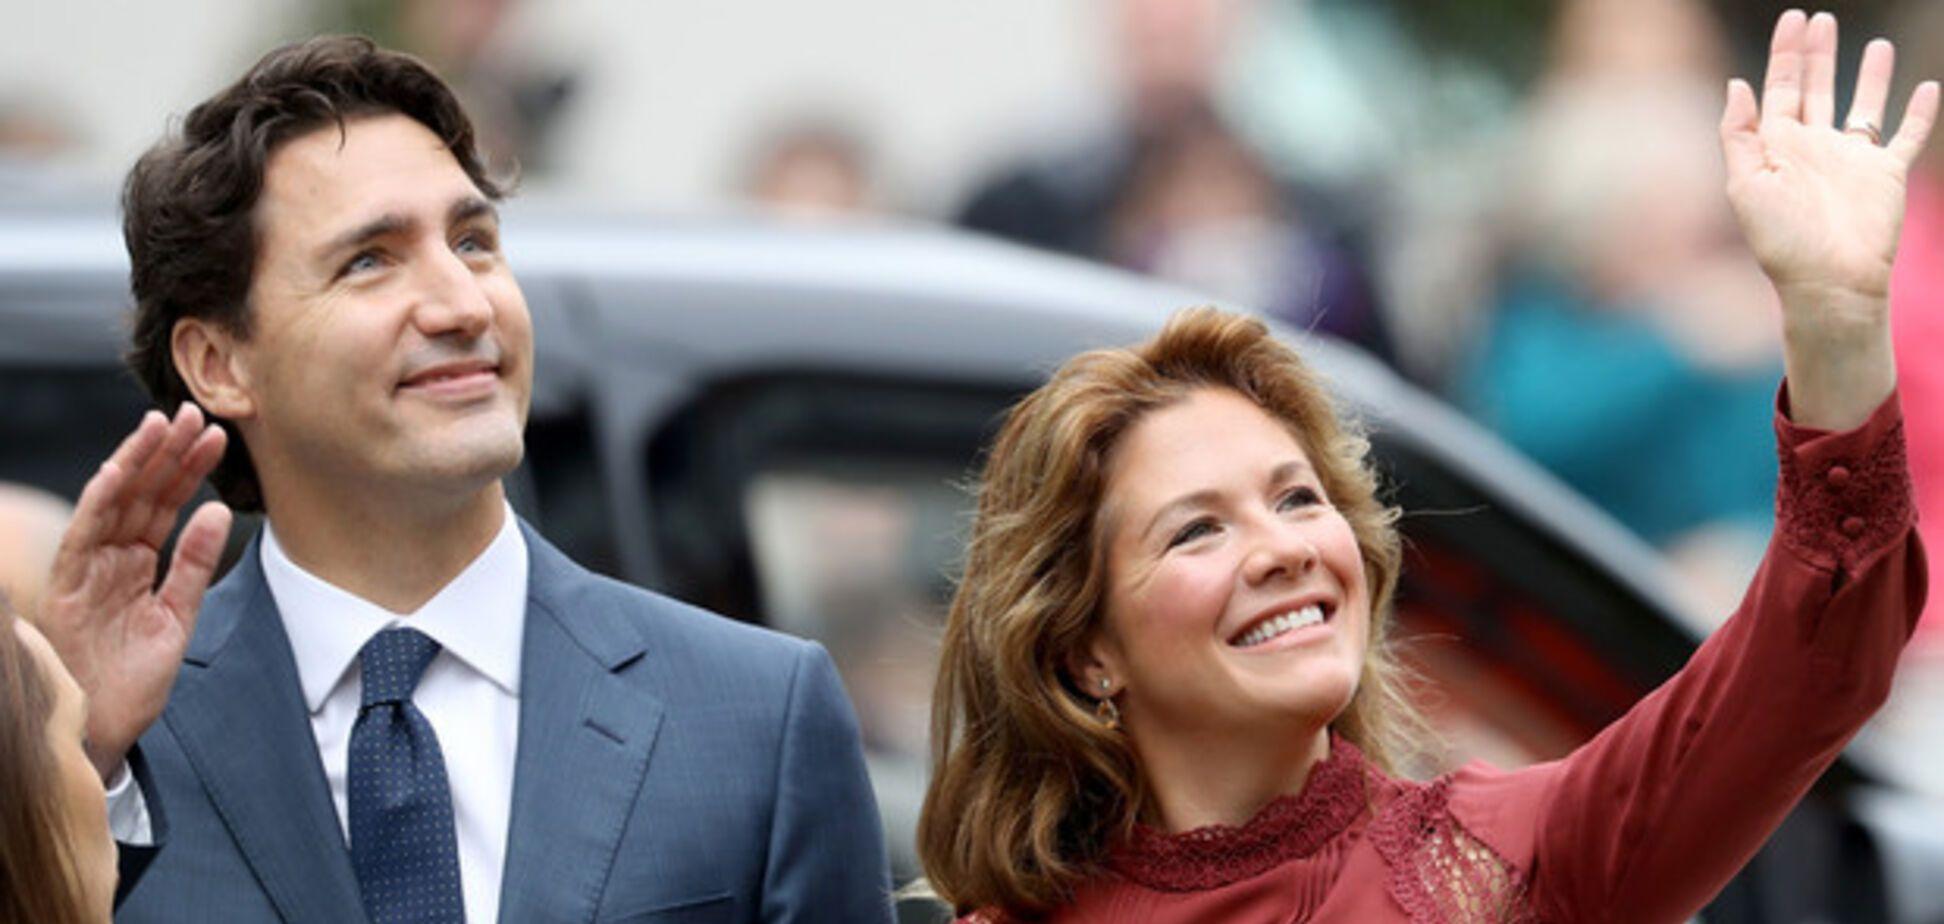 У дружини прем'єра Канади Трюдо виявлено коронавірус